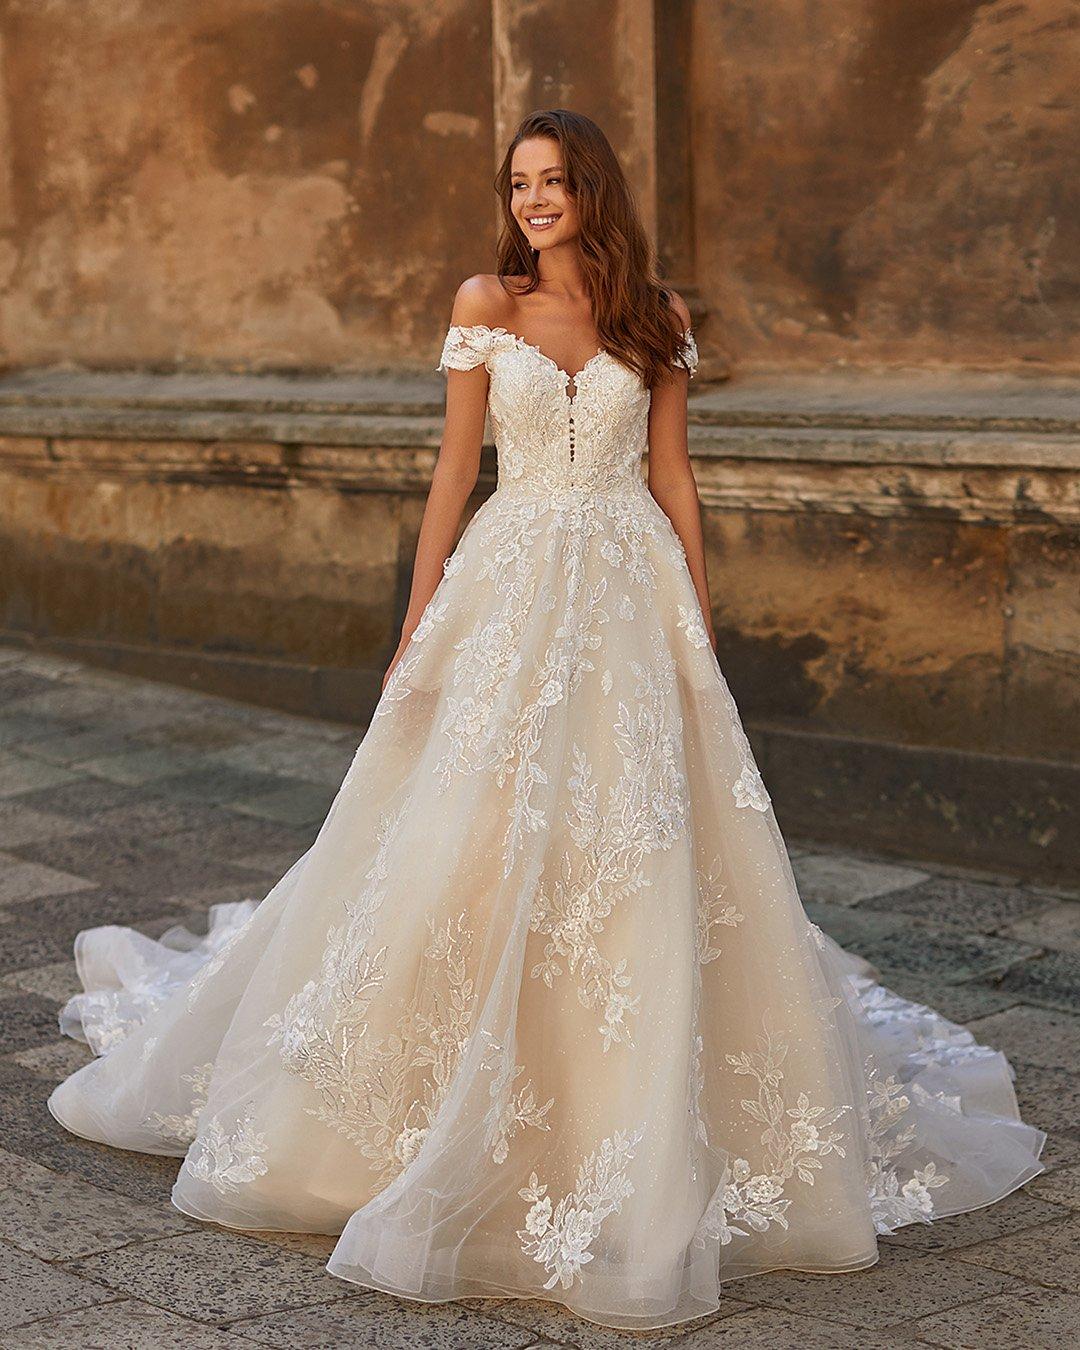 Ảnh cô dâu mặc váy cưới đẹp nhất